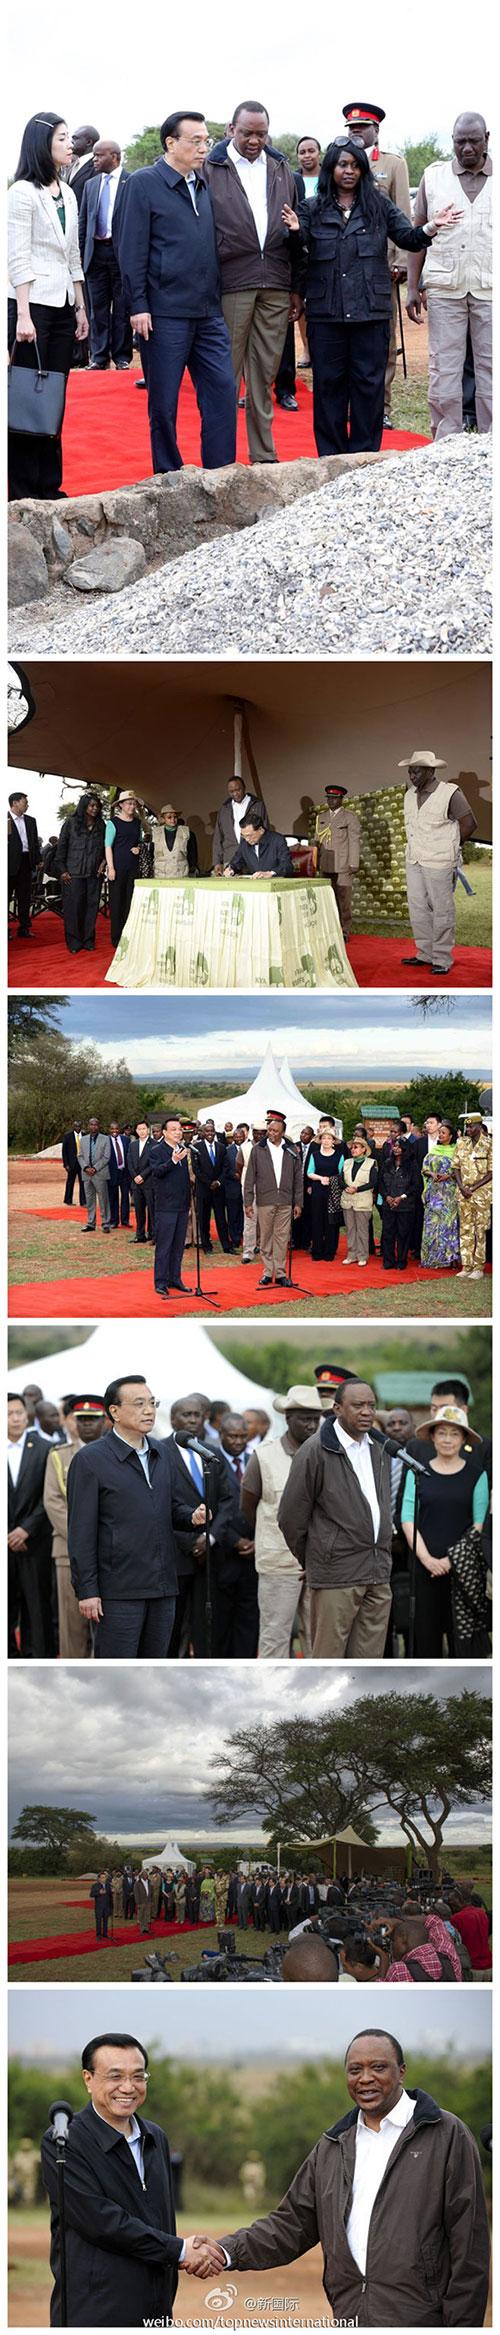 李克强10日在肯尼亚总统肯雅塔和副总统鲁托陪同下参观内罗毕国家公园焚烧象牙纪念地并讲话。